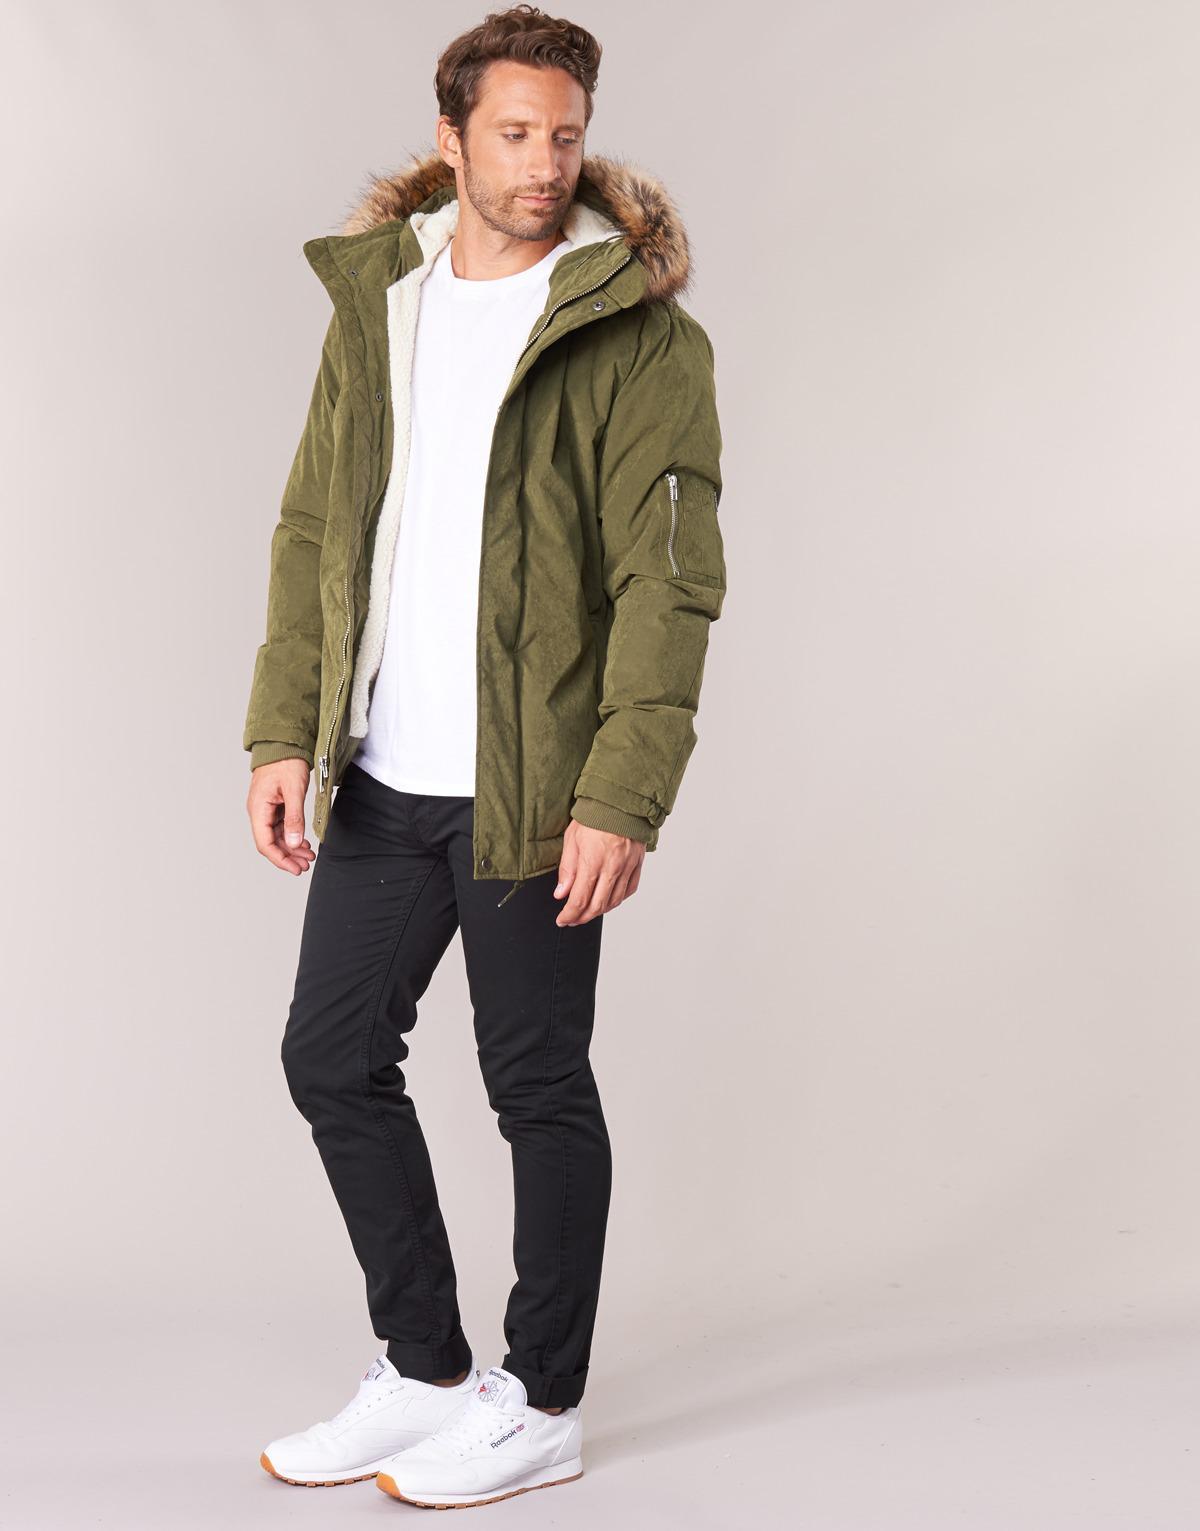 Jkt Lyst Men Quwrxongpg Green Goodman Men's Jacket For Volcom In 5tUwIx